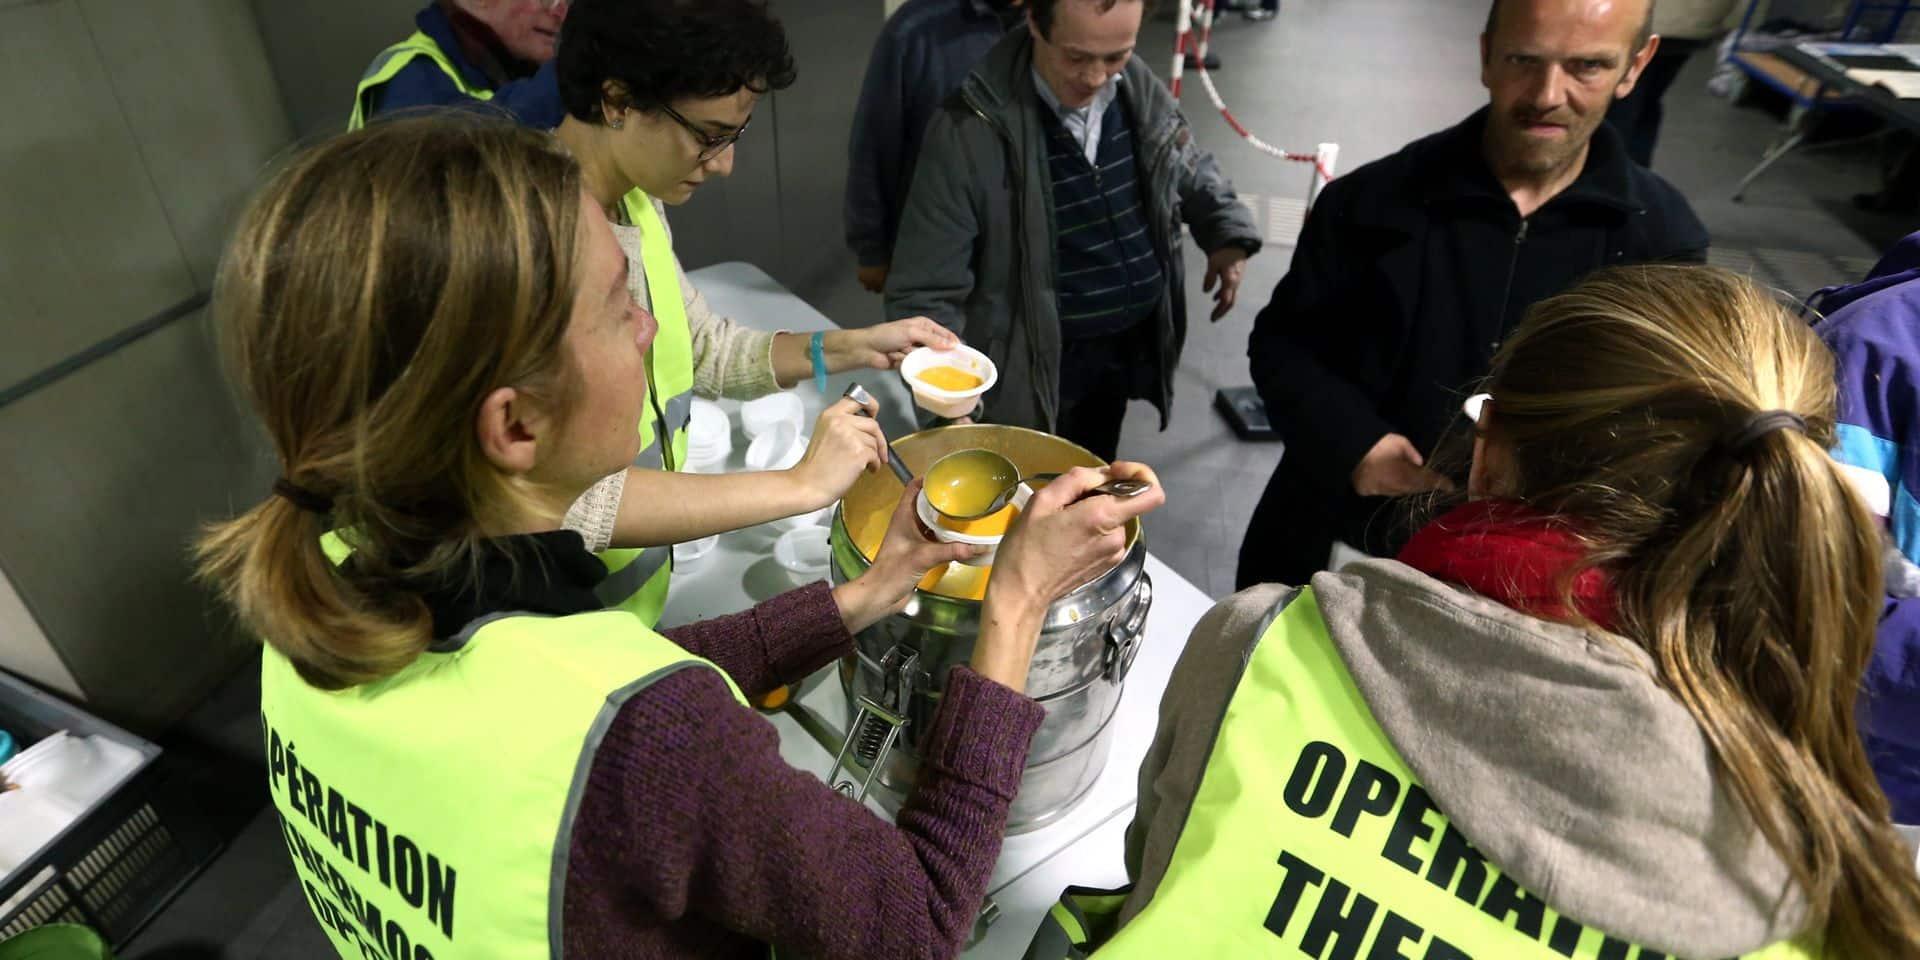 """L'ASBL """"Opération Thermos"""" distribue 150 repas par jour aux sans-abris pendant l'hiver. Cette opération, qui débute ce samedi, se déroulera avec plus de sérénité que d'habitude. L'ASBL change en effet de locaux: elle passe de la gare centrale à la station de métro """"Botanique"""". Une décision qui suscite l'engouement du personnel. """"L'équipe est d'accord à l'unanimité"""", explique Le président de l'opération, Daniel Halconruy, au micro de Gilles Lejeune."""